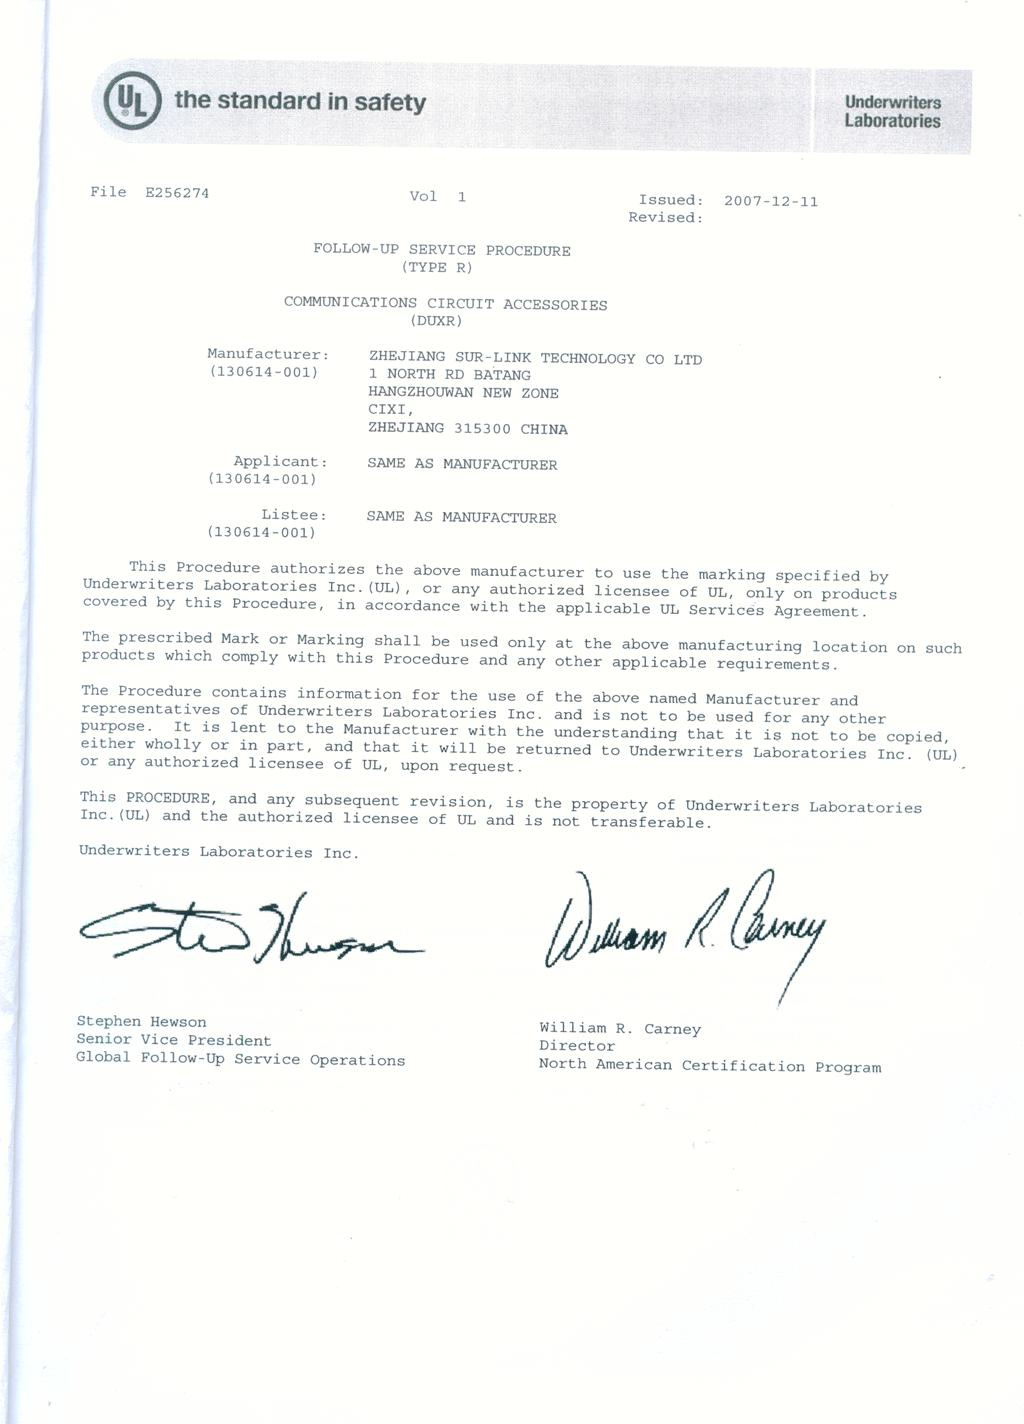 Certificate of UL